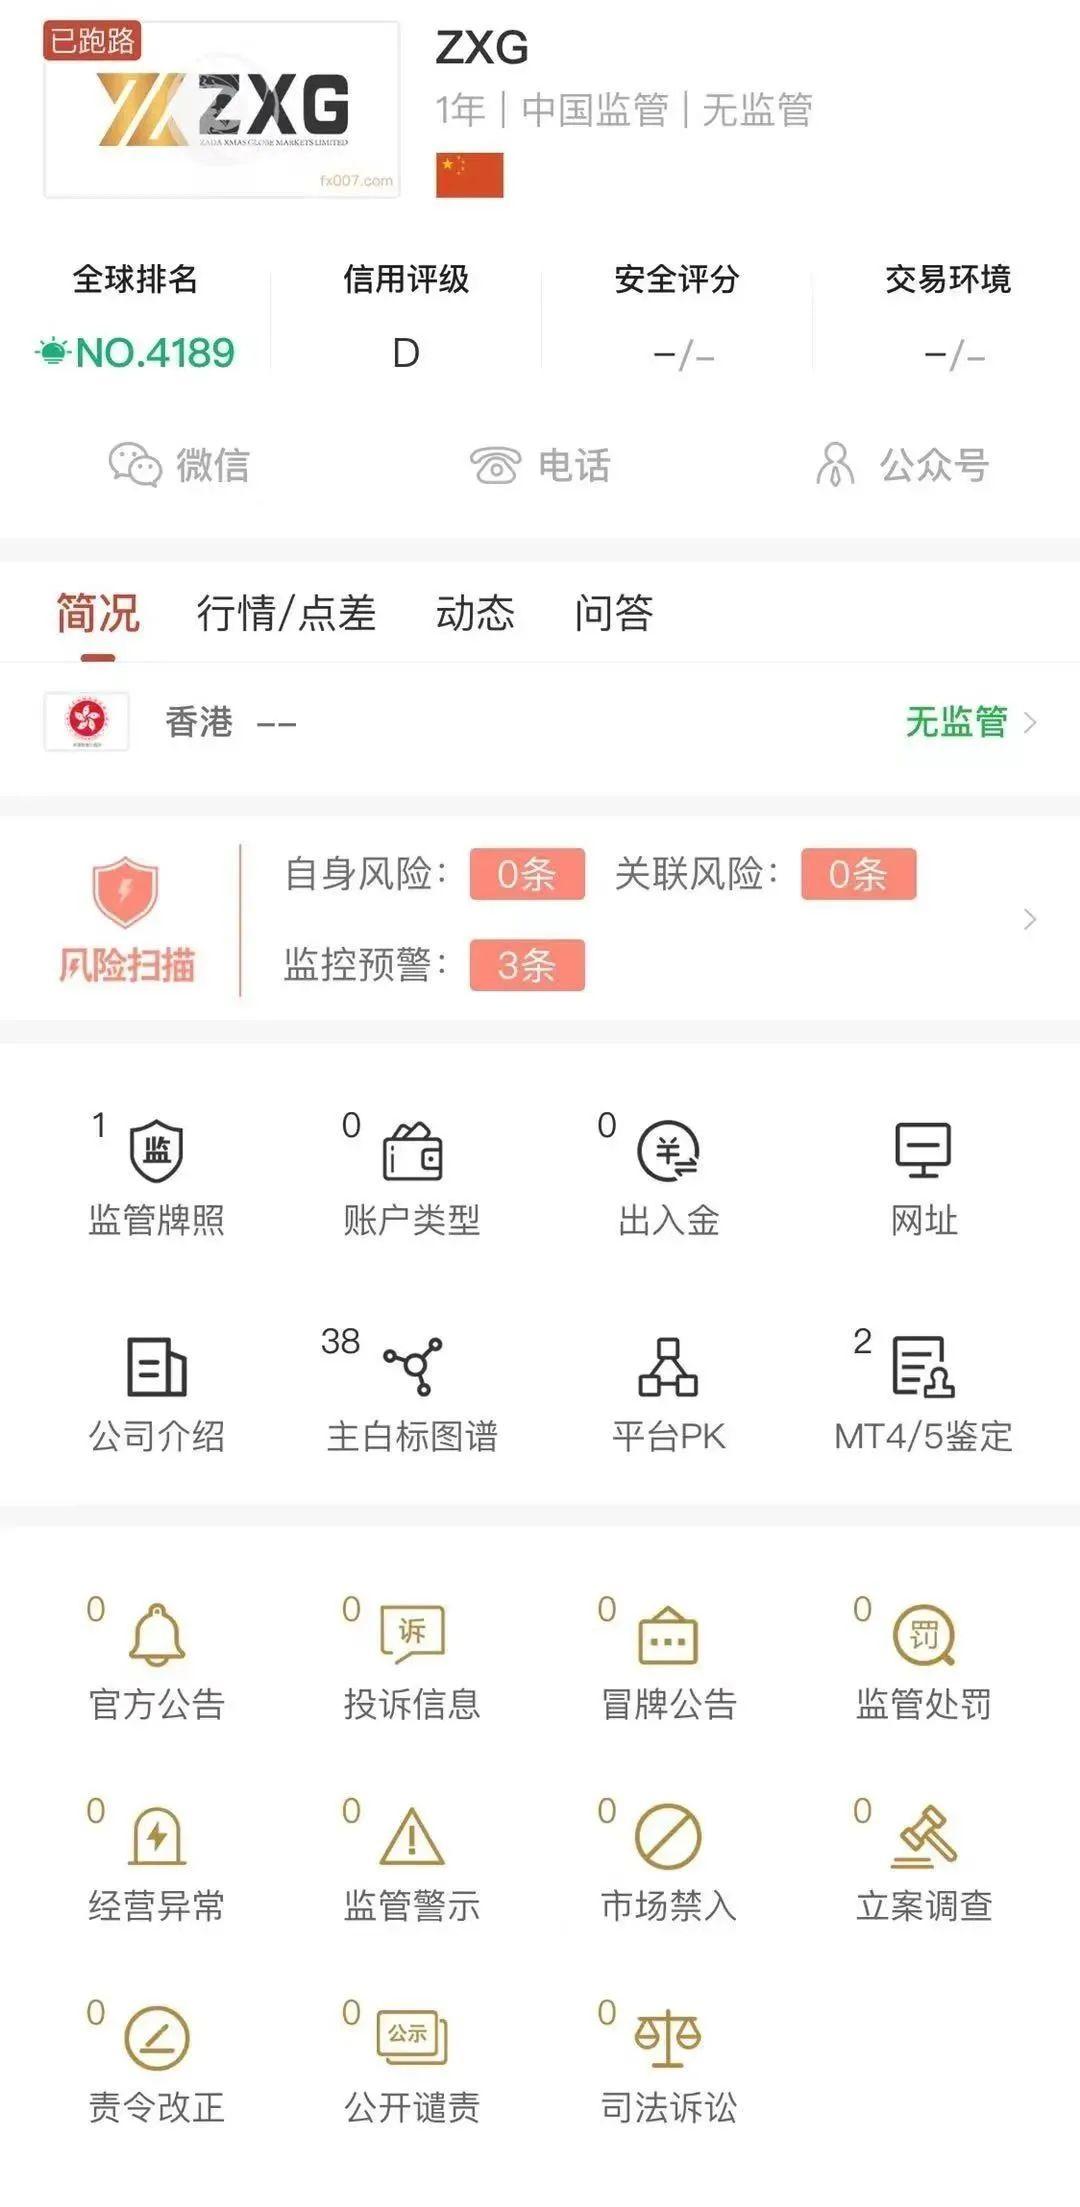 """【曝光】刚成立一个月的""""ZXG""""跑路了!网站也登录不上去了!"""